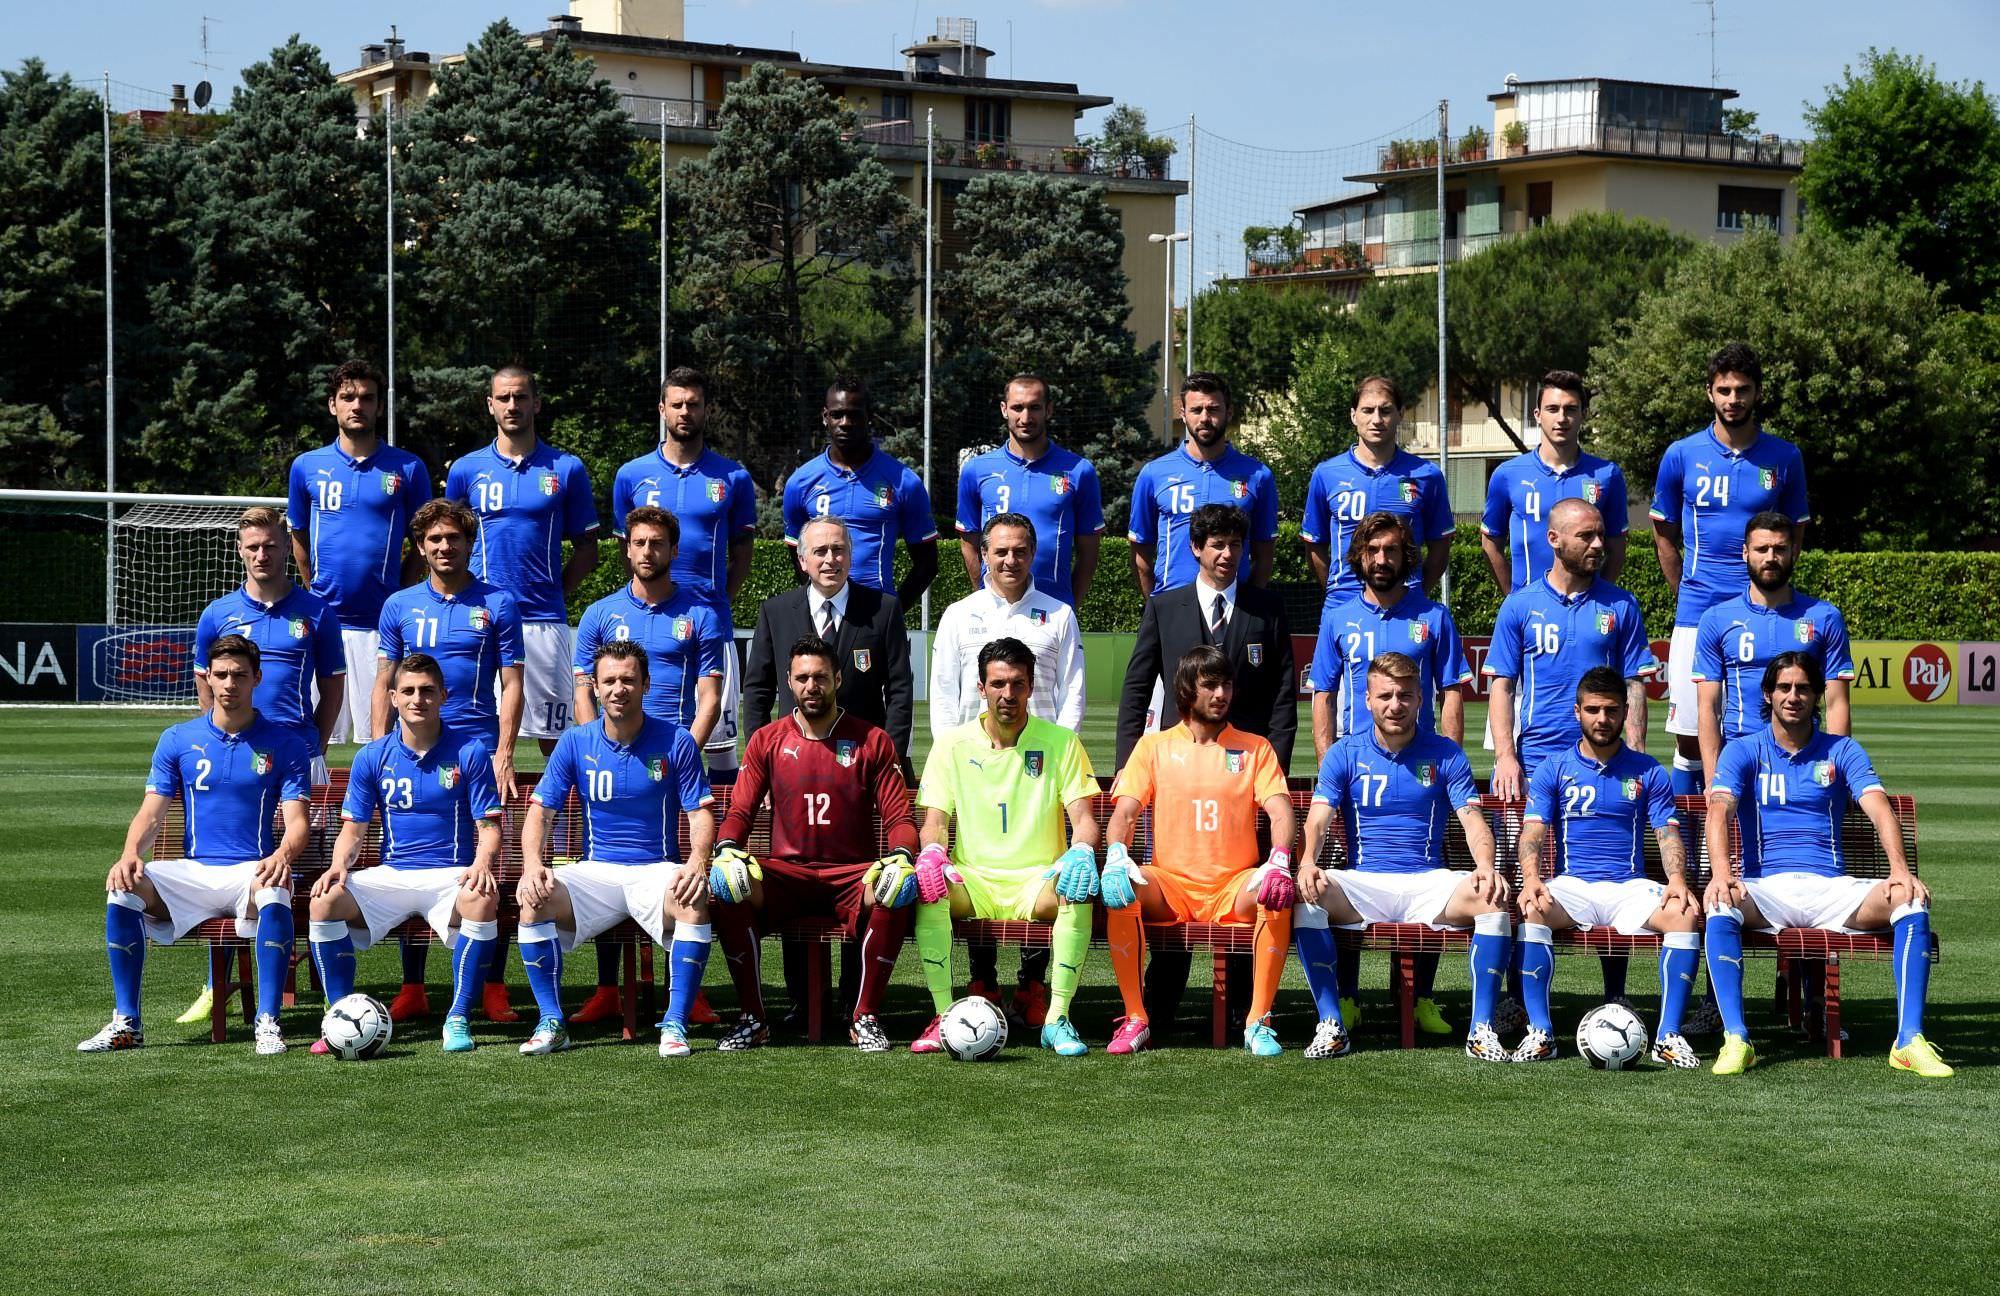 """Mondiali di calcio 2014, in Brasile una nazionale italiana piena di """"viareggini"""""""